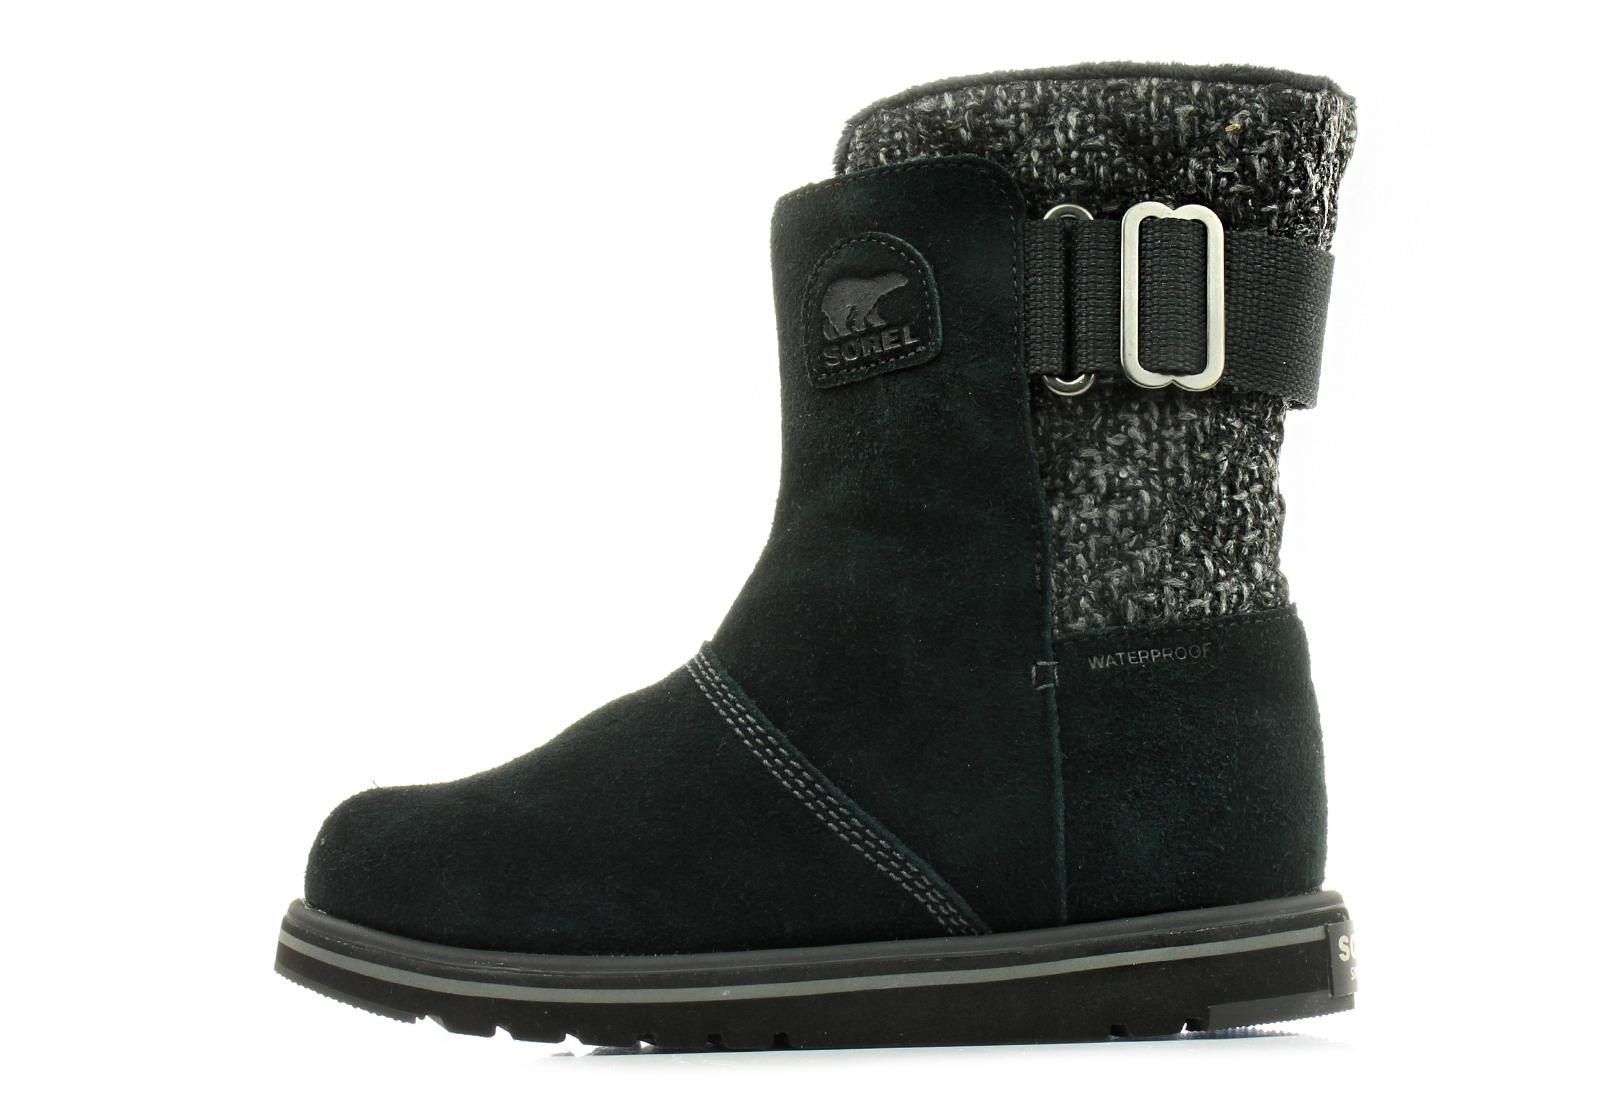 Sorel Boots Rylee 1702491 010 Online Shop For